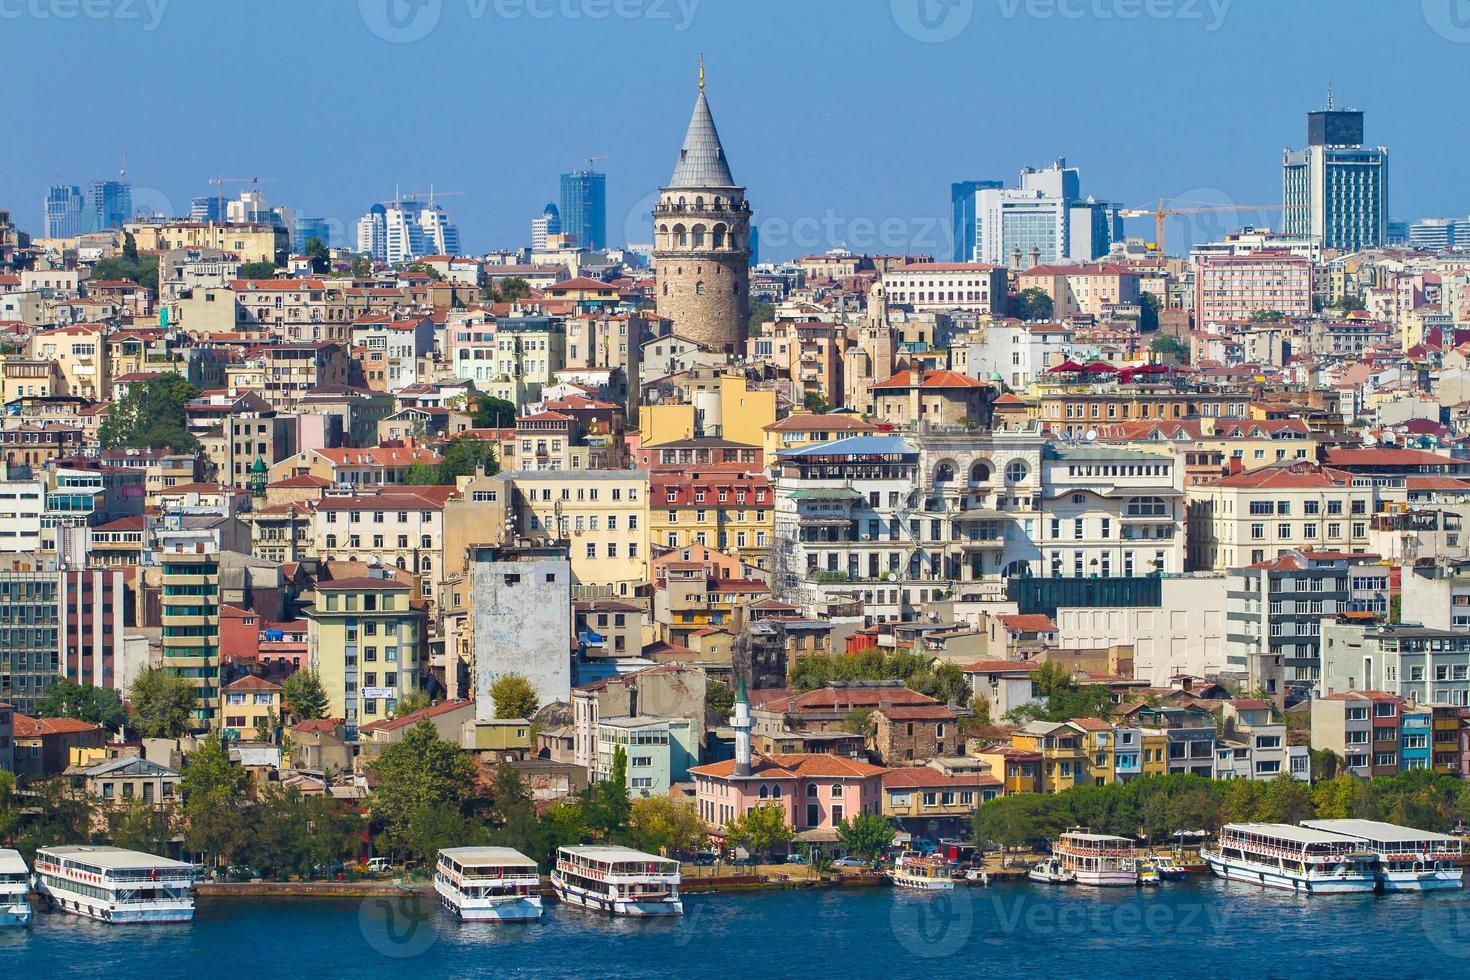 arquitetura histórica do distrito de beyoglu e torre medieval de galata foto